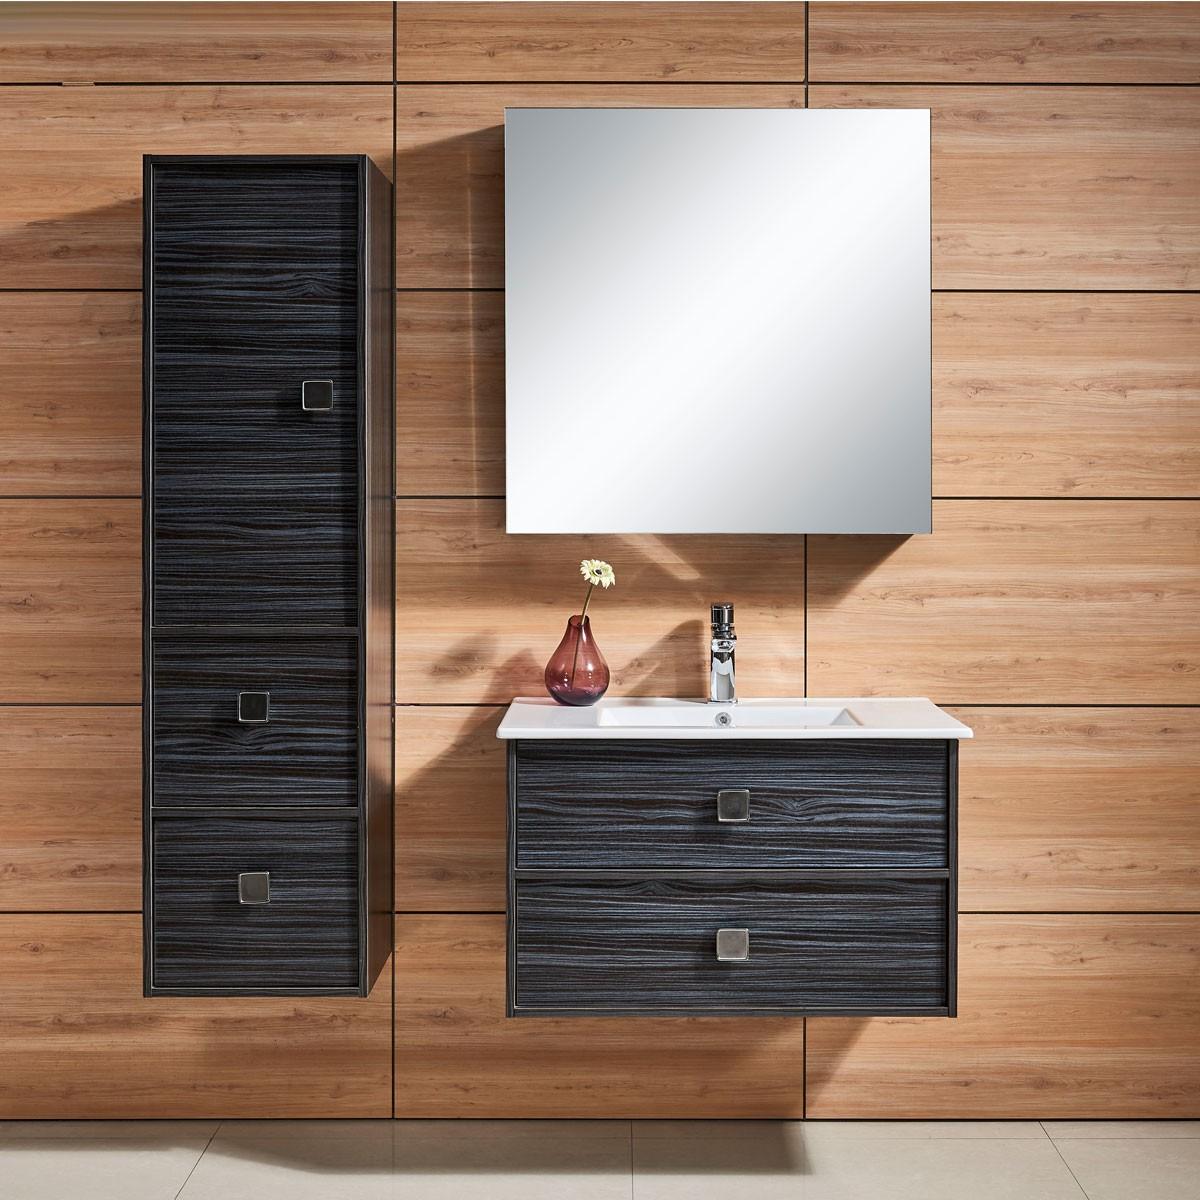 Attrayant meuble salle de bain en solde 8 c1 99 for Solde meuble sdb